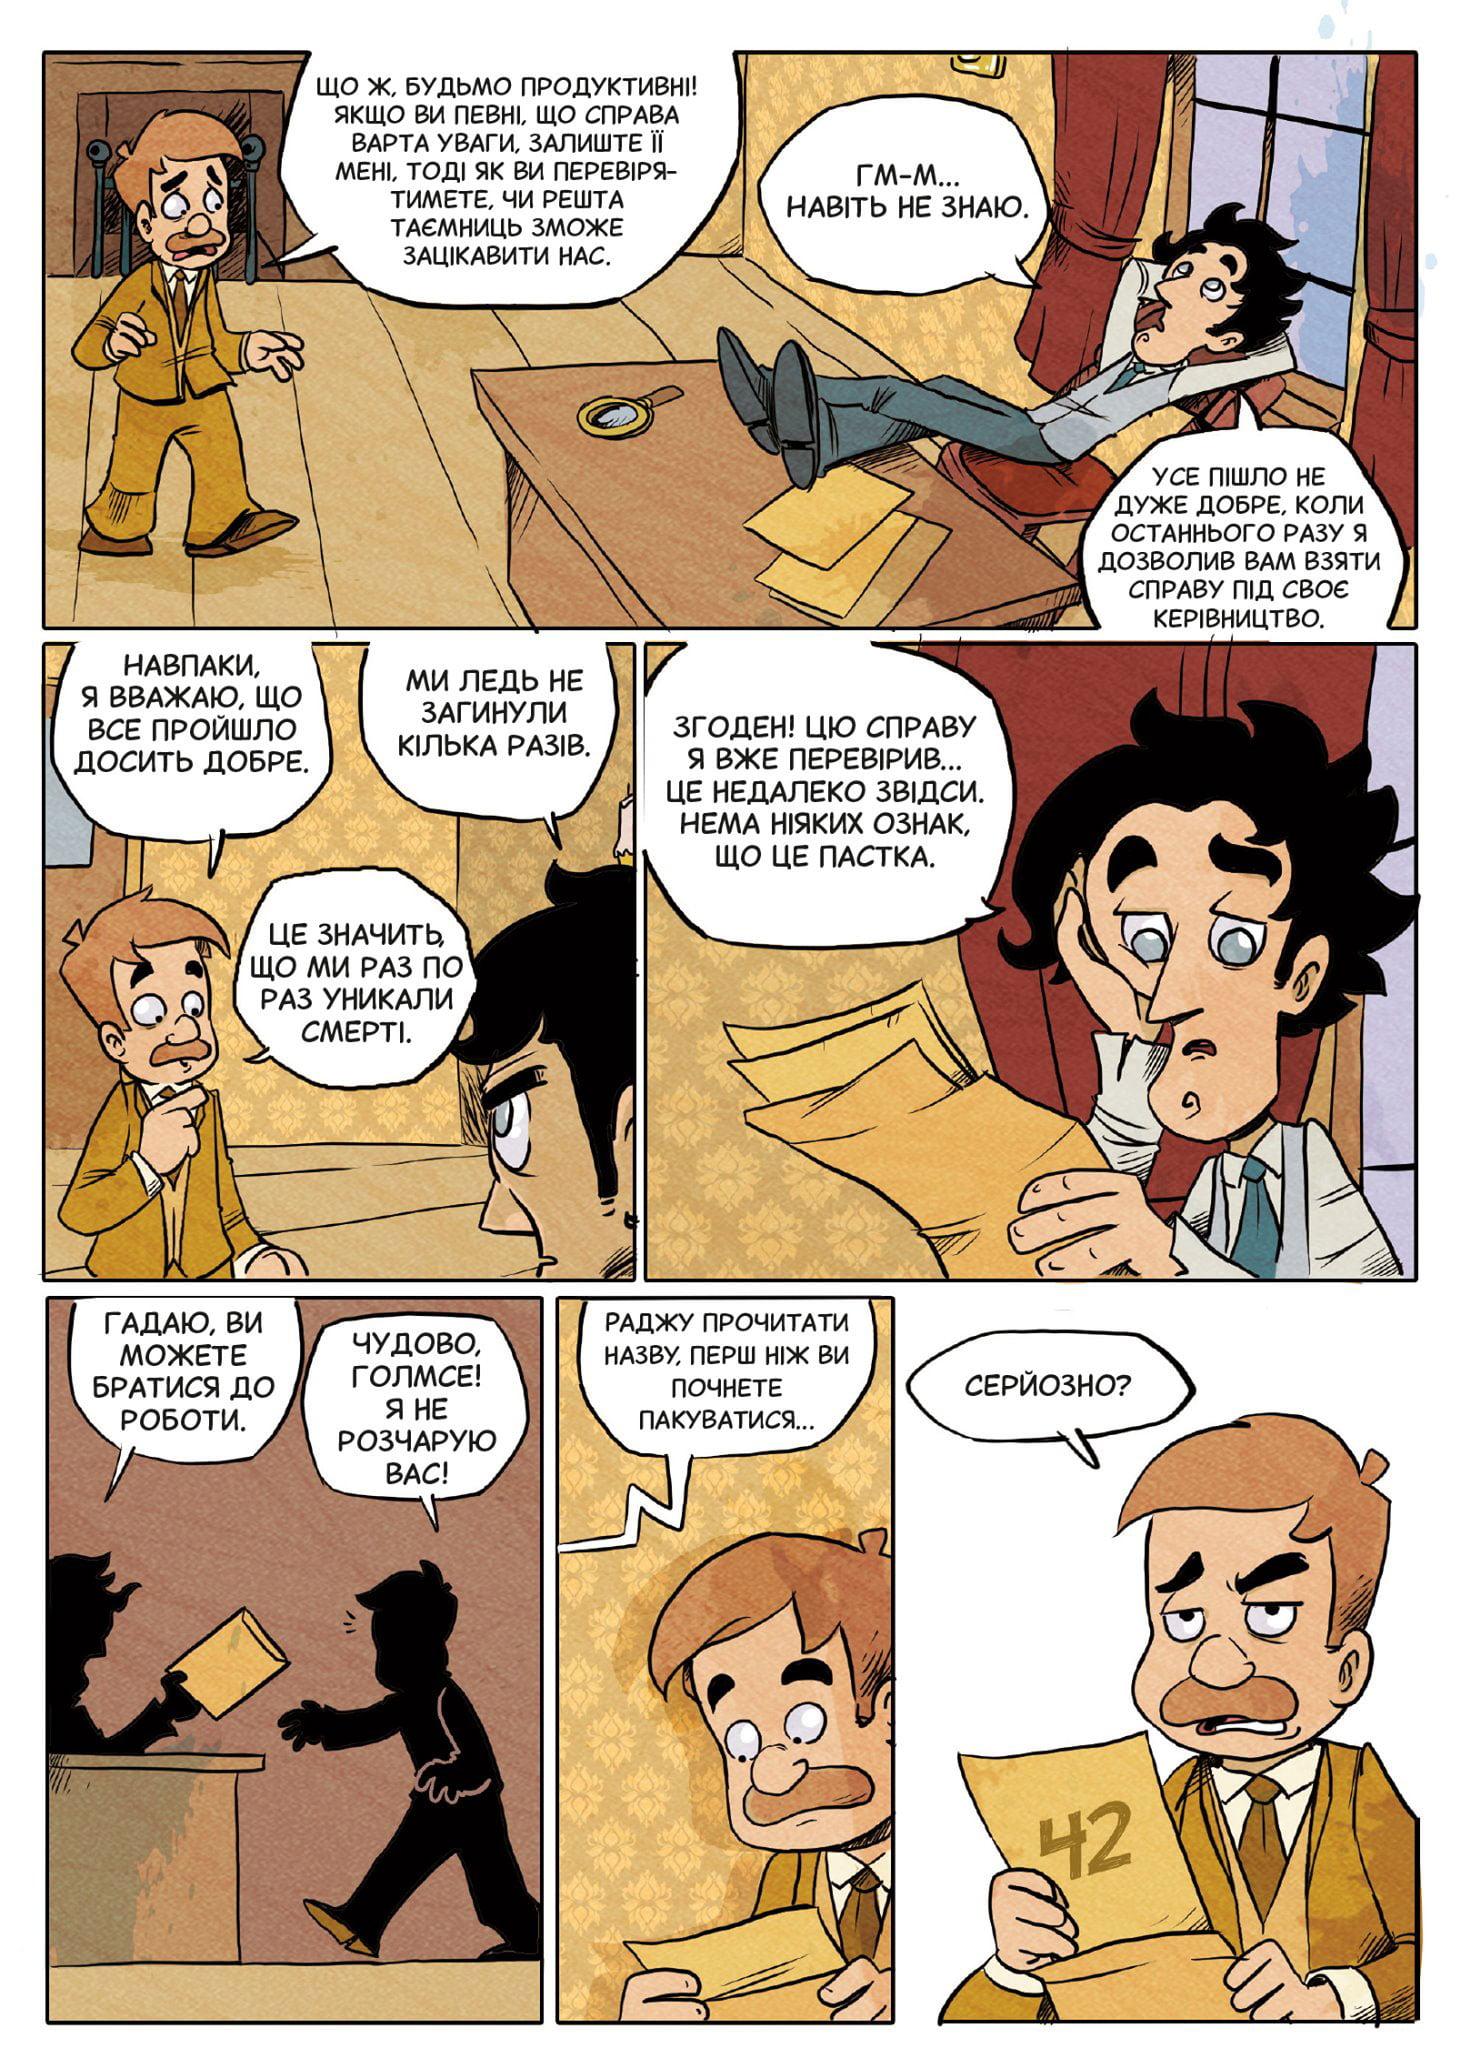 «Шерлок Голмс. Чотири справи», видавництво Baiky